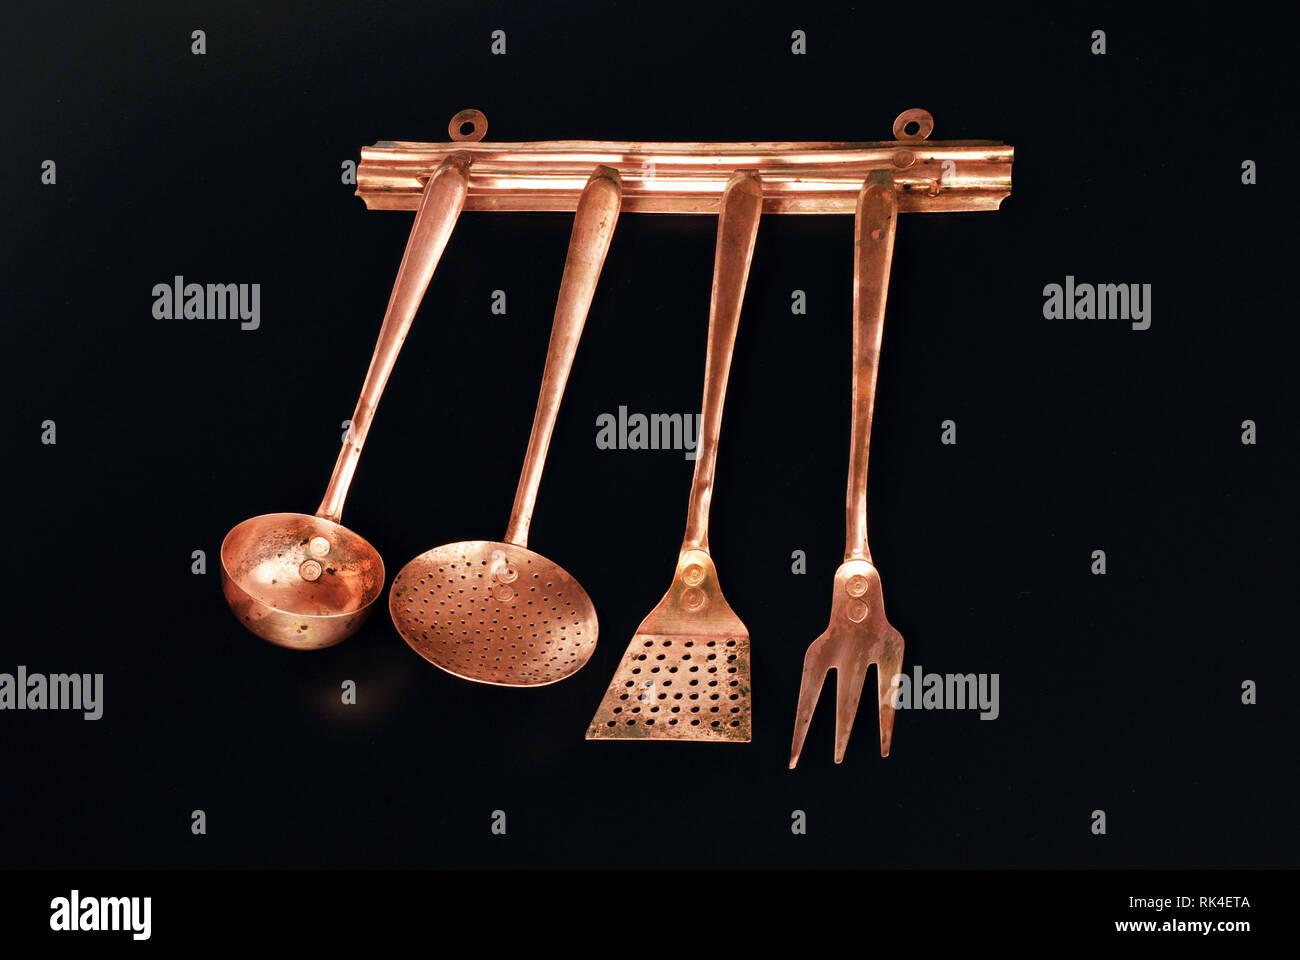 Kupfer Kuche Besteck Auf Schwarzem Hintergrund Stockfotografie Alamy